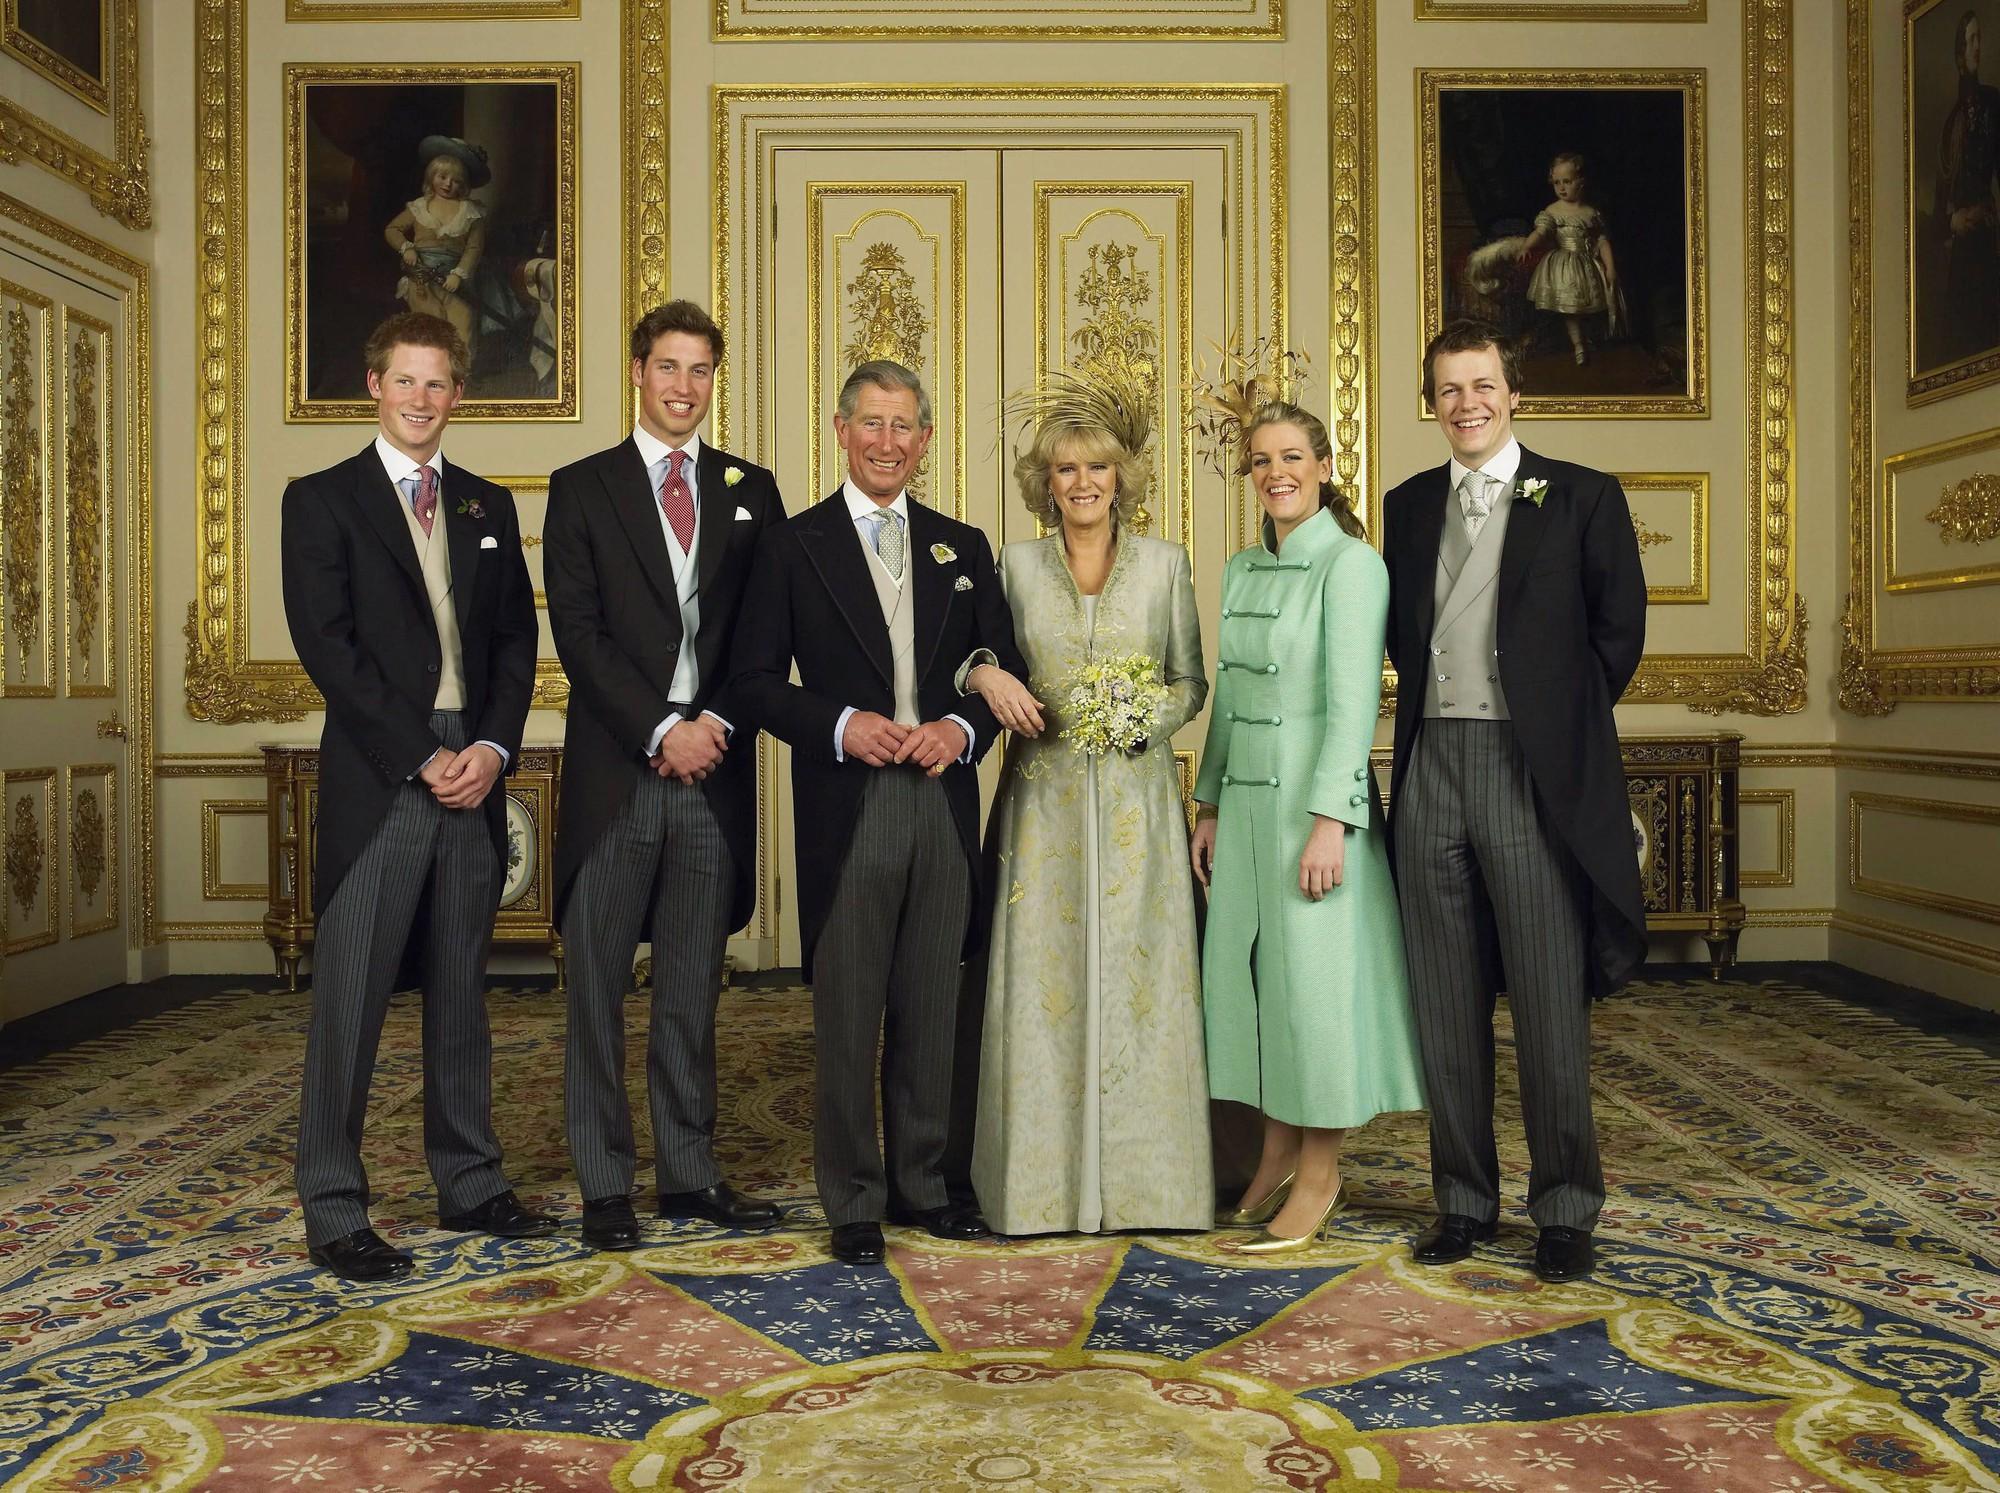 Những đám cưới đẹp như cổ tích trong lịch sử 100 năm hoàng gia Anh - Ảnh 26.